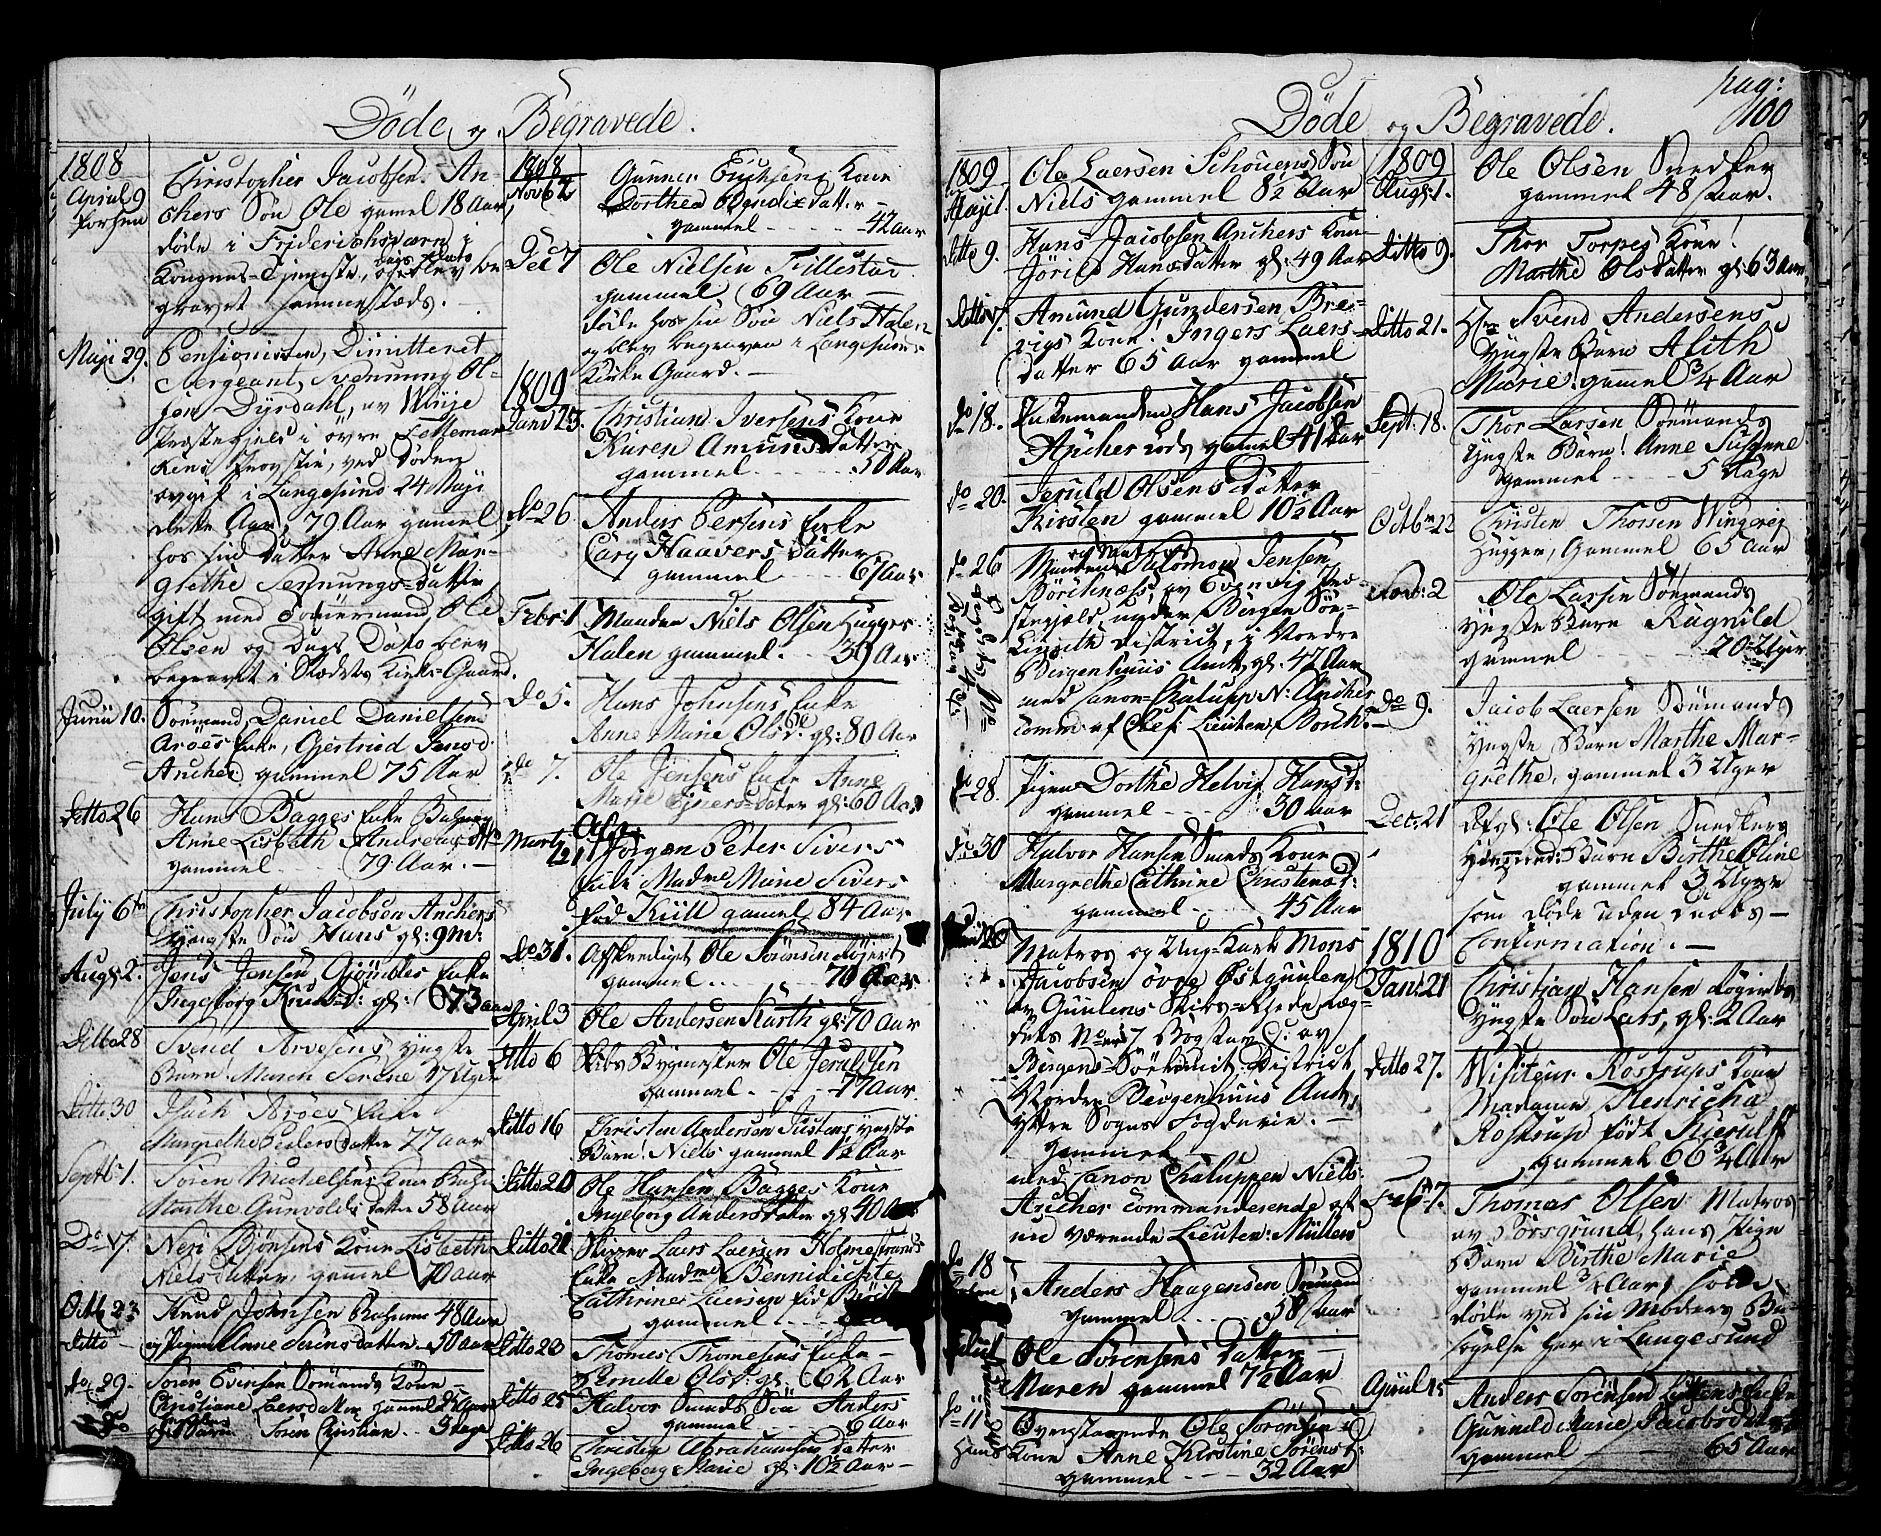 SAKO, Langesund kirkebøker, G/Ga/L0002: Klokkerbok nr. 2, 1801-1815, s. 100